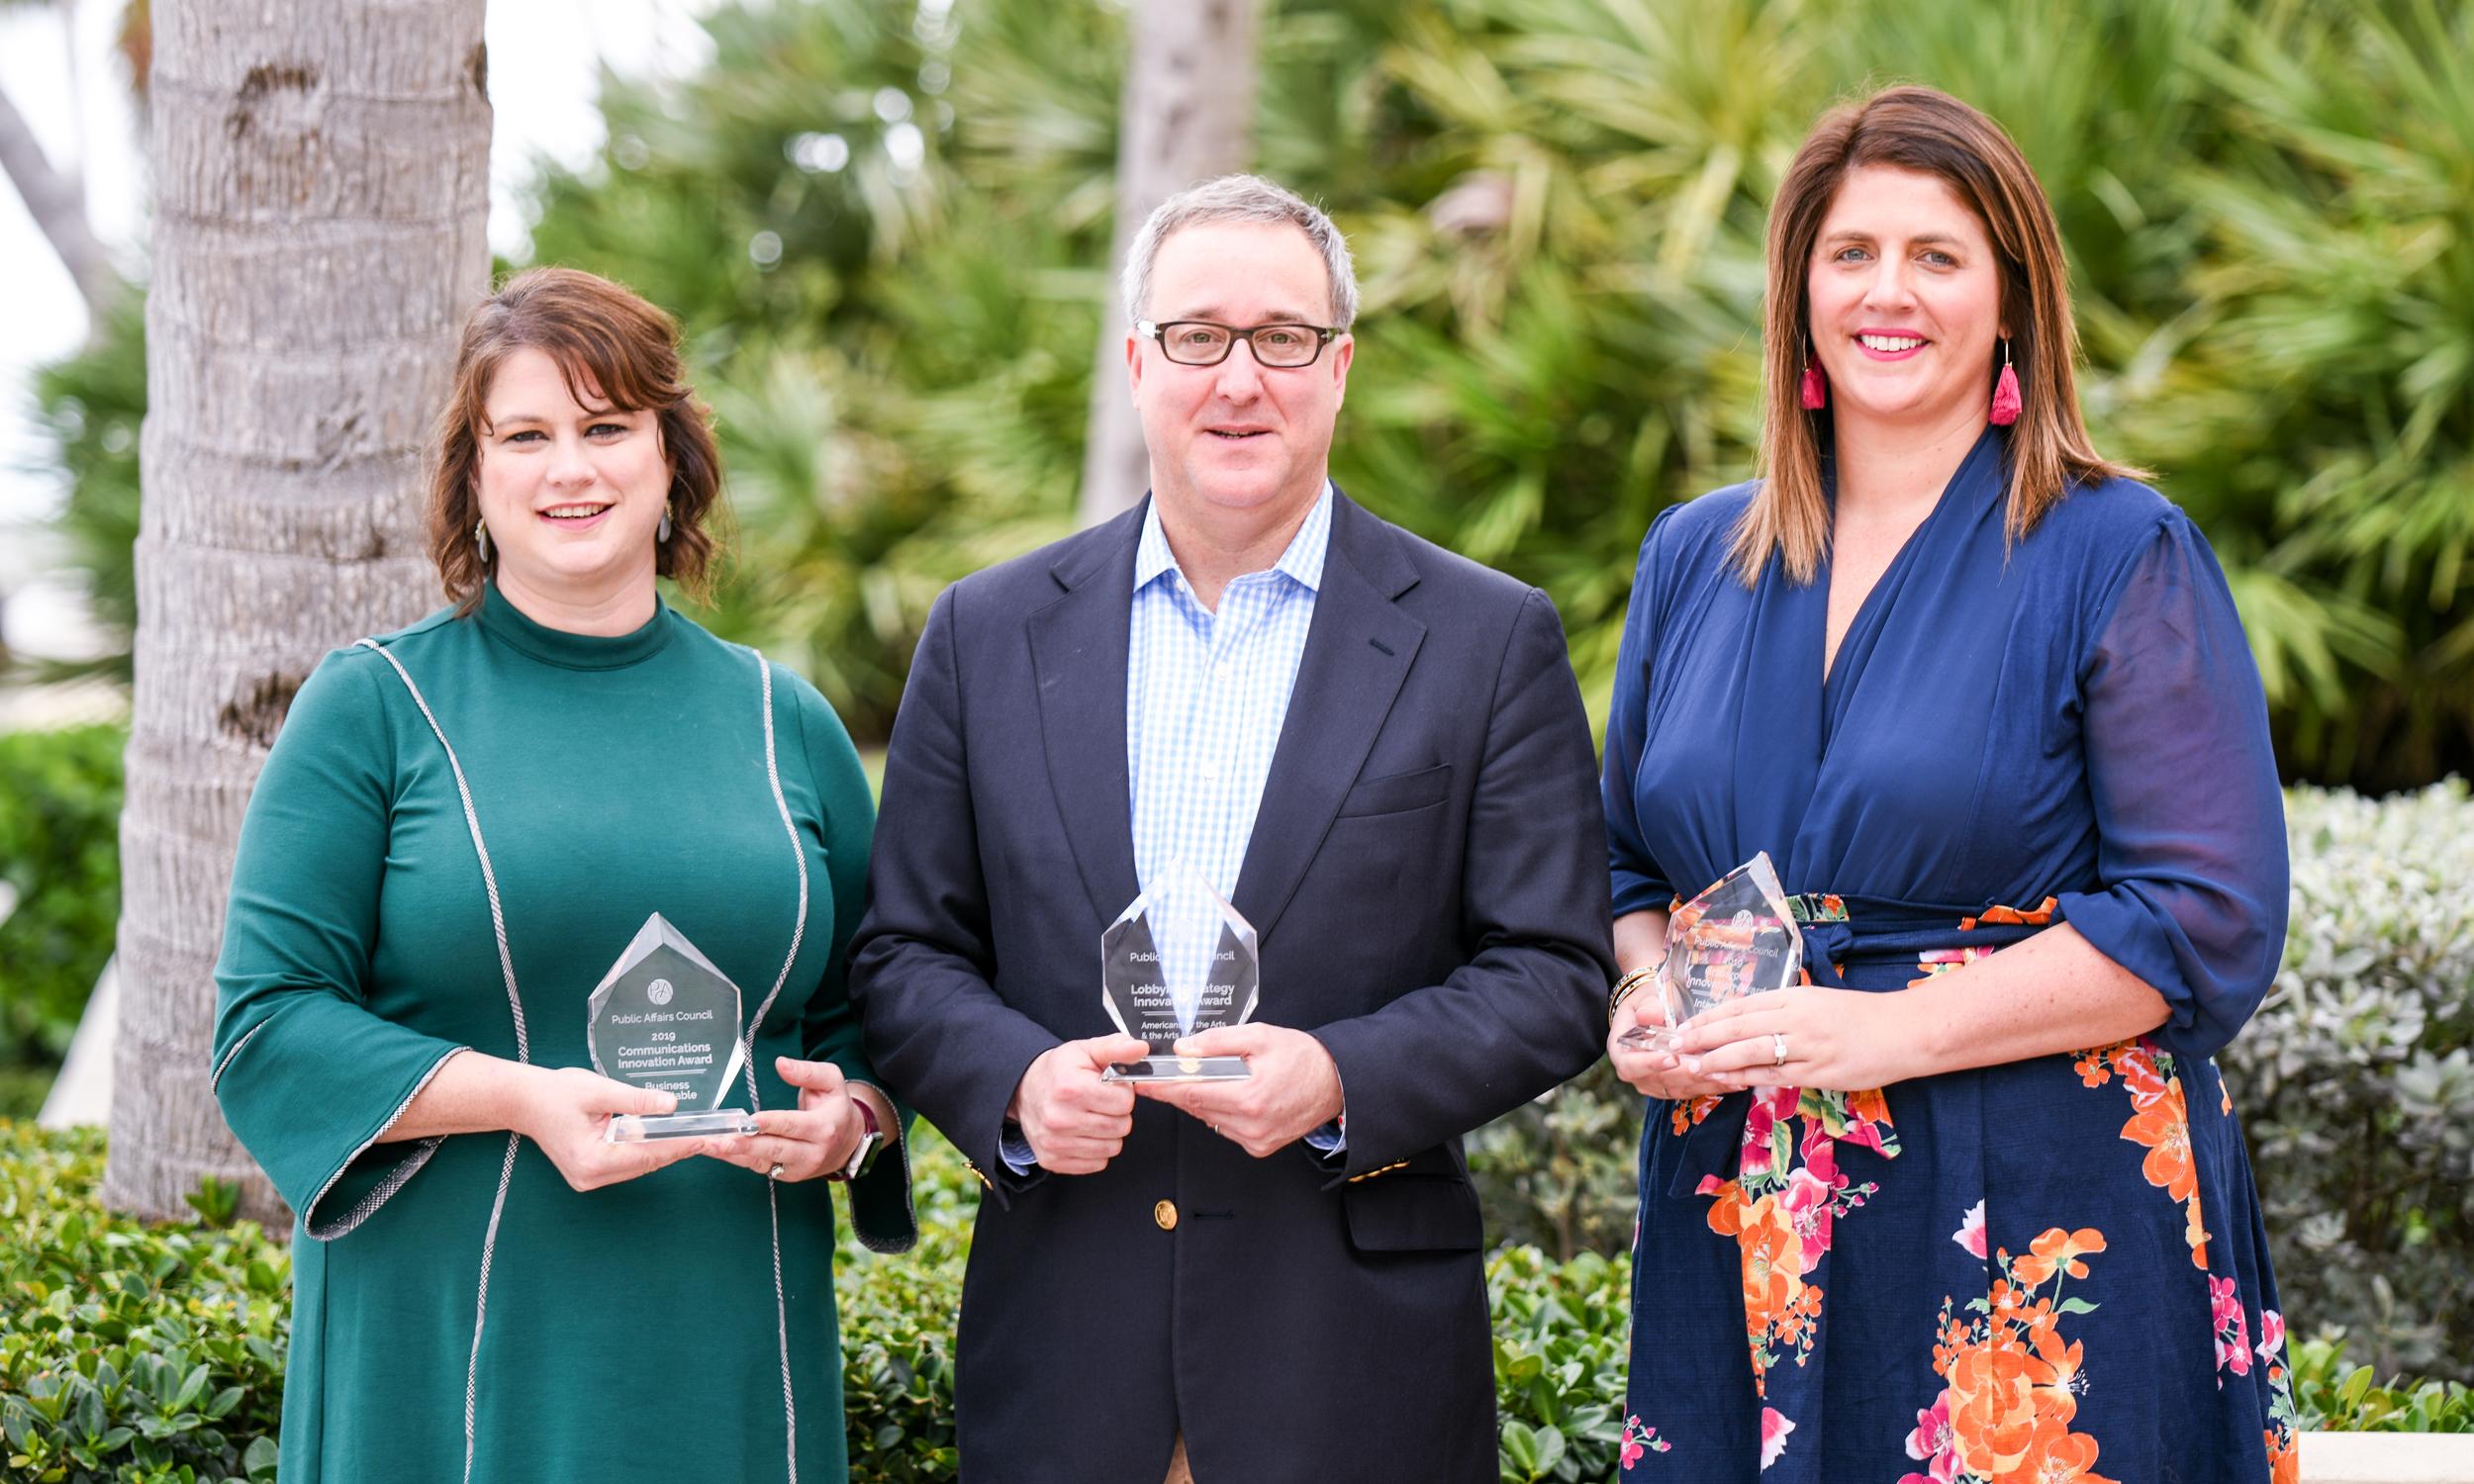 TAC Award Winners 2019